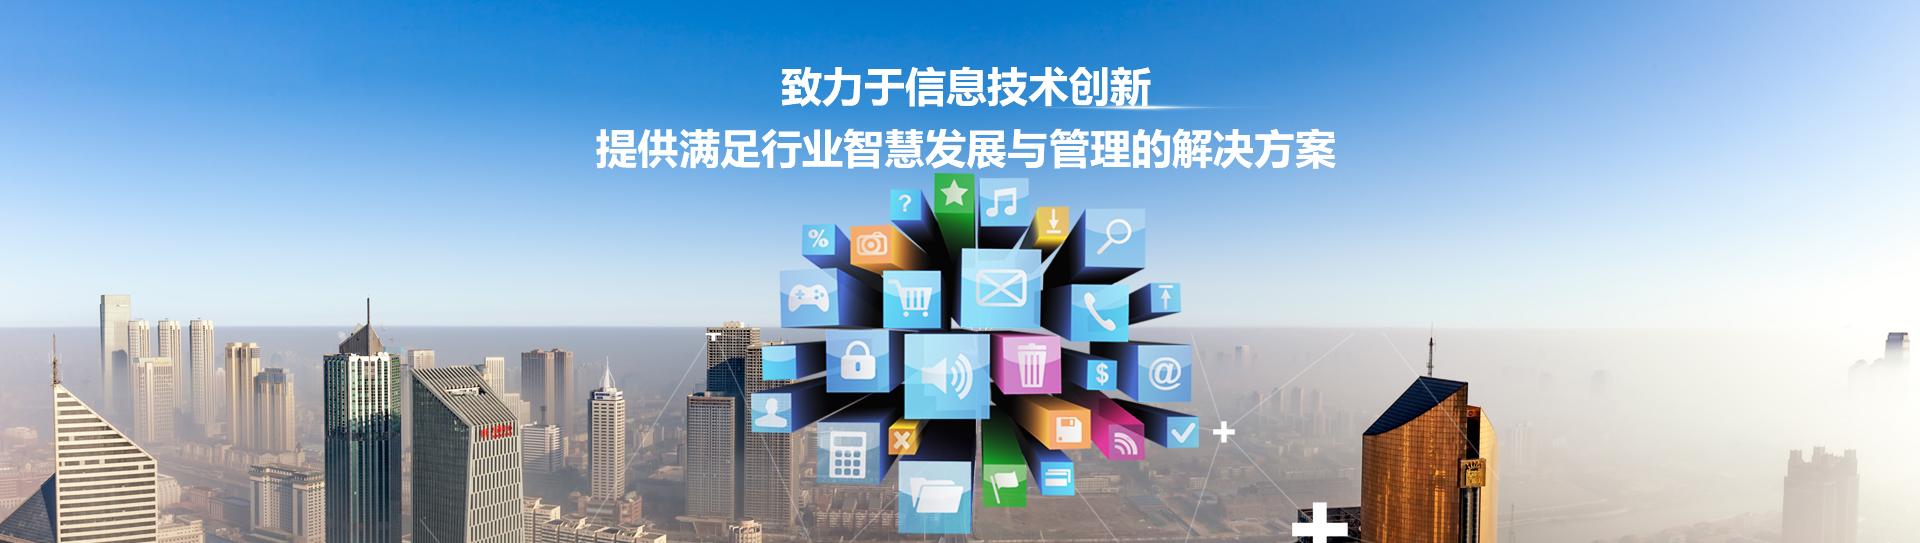 河南银恒软件科技有限公司